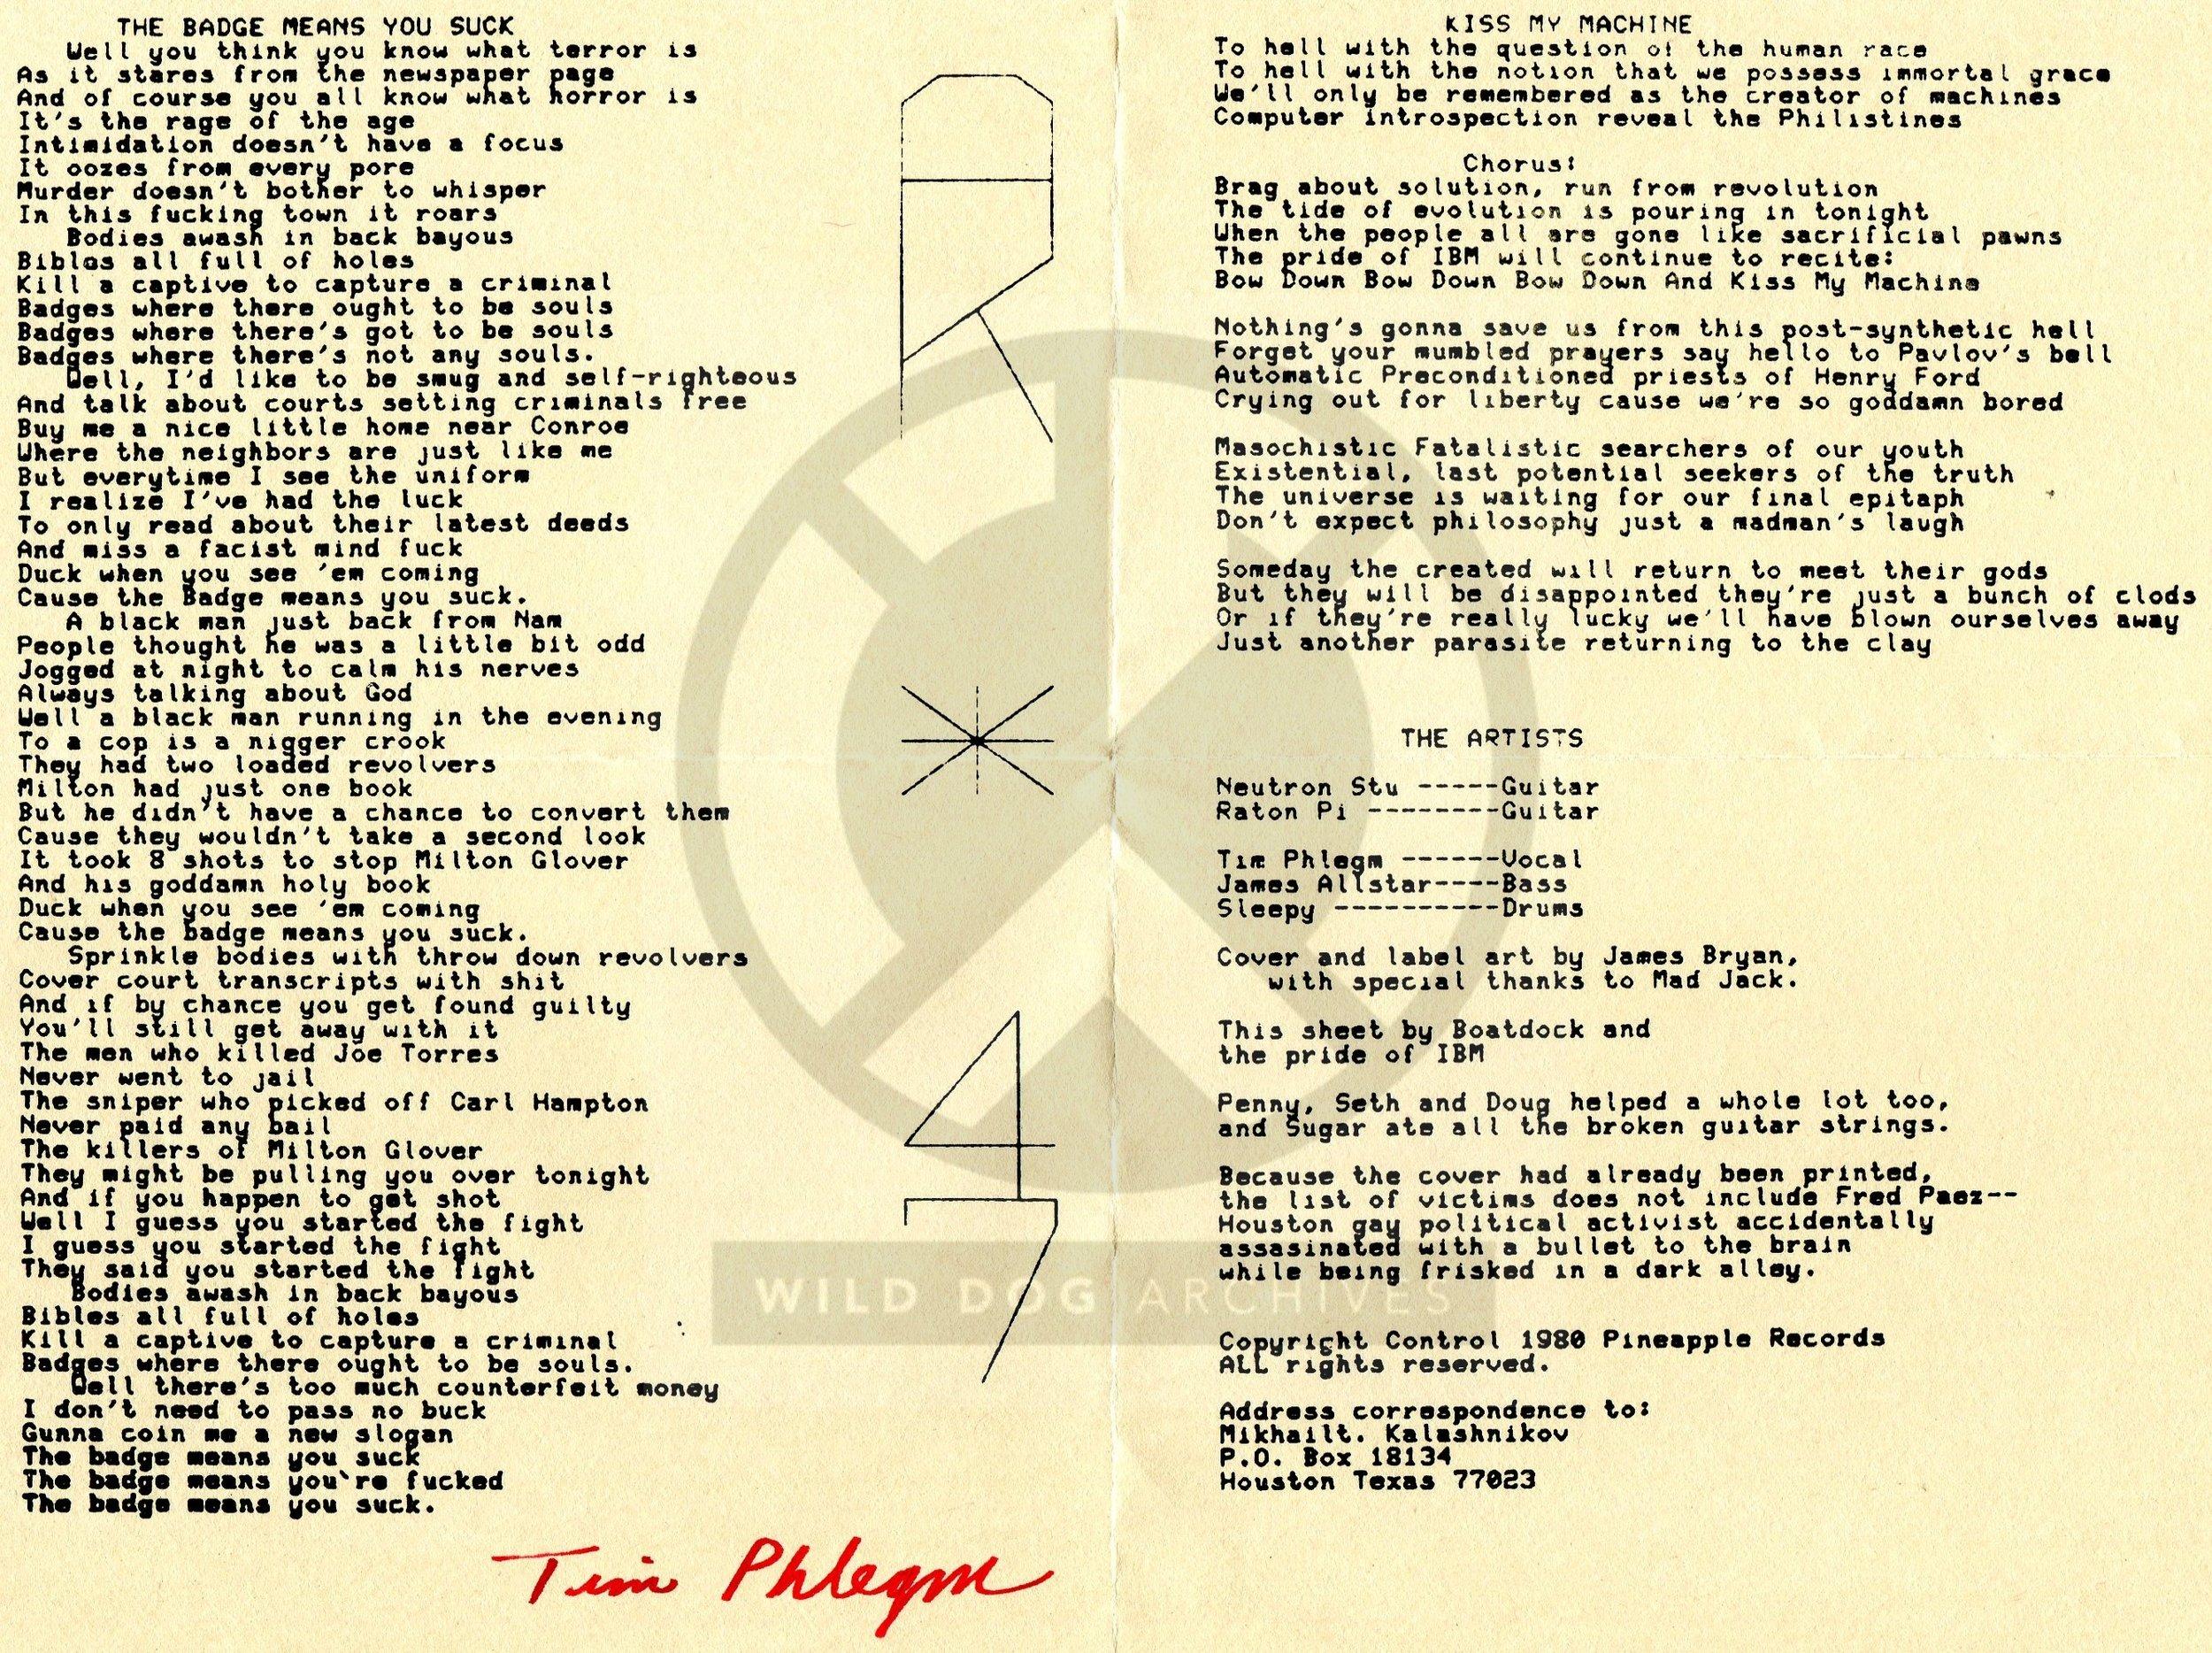 Original signed lyric sheet courtesy of Wild Dog Archives.